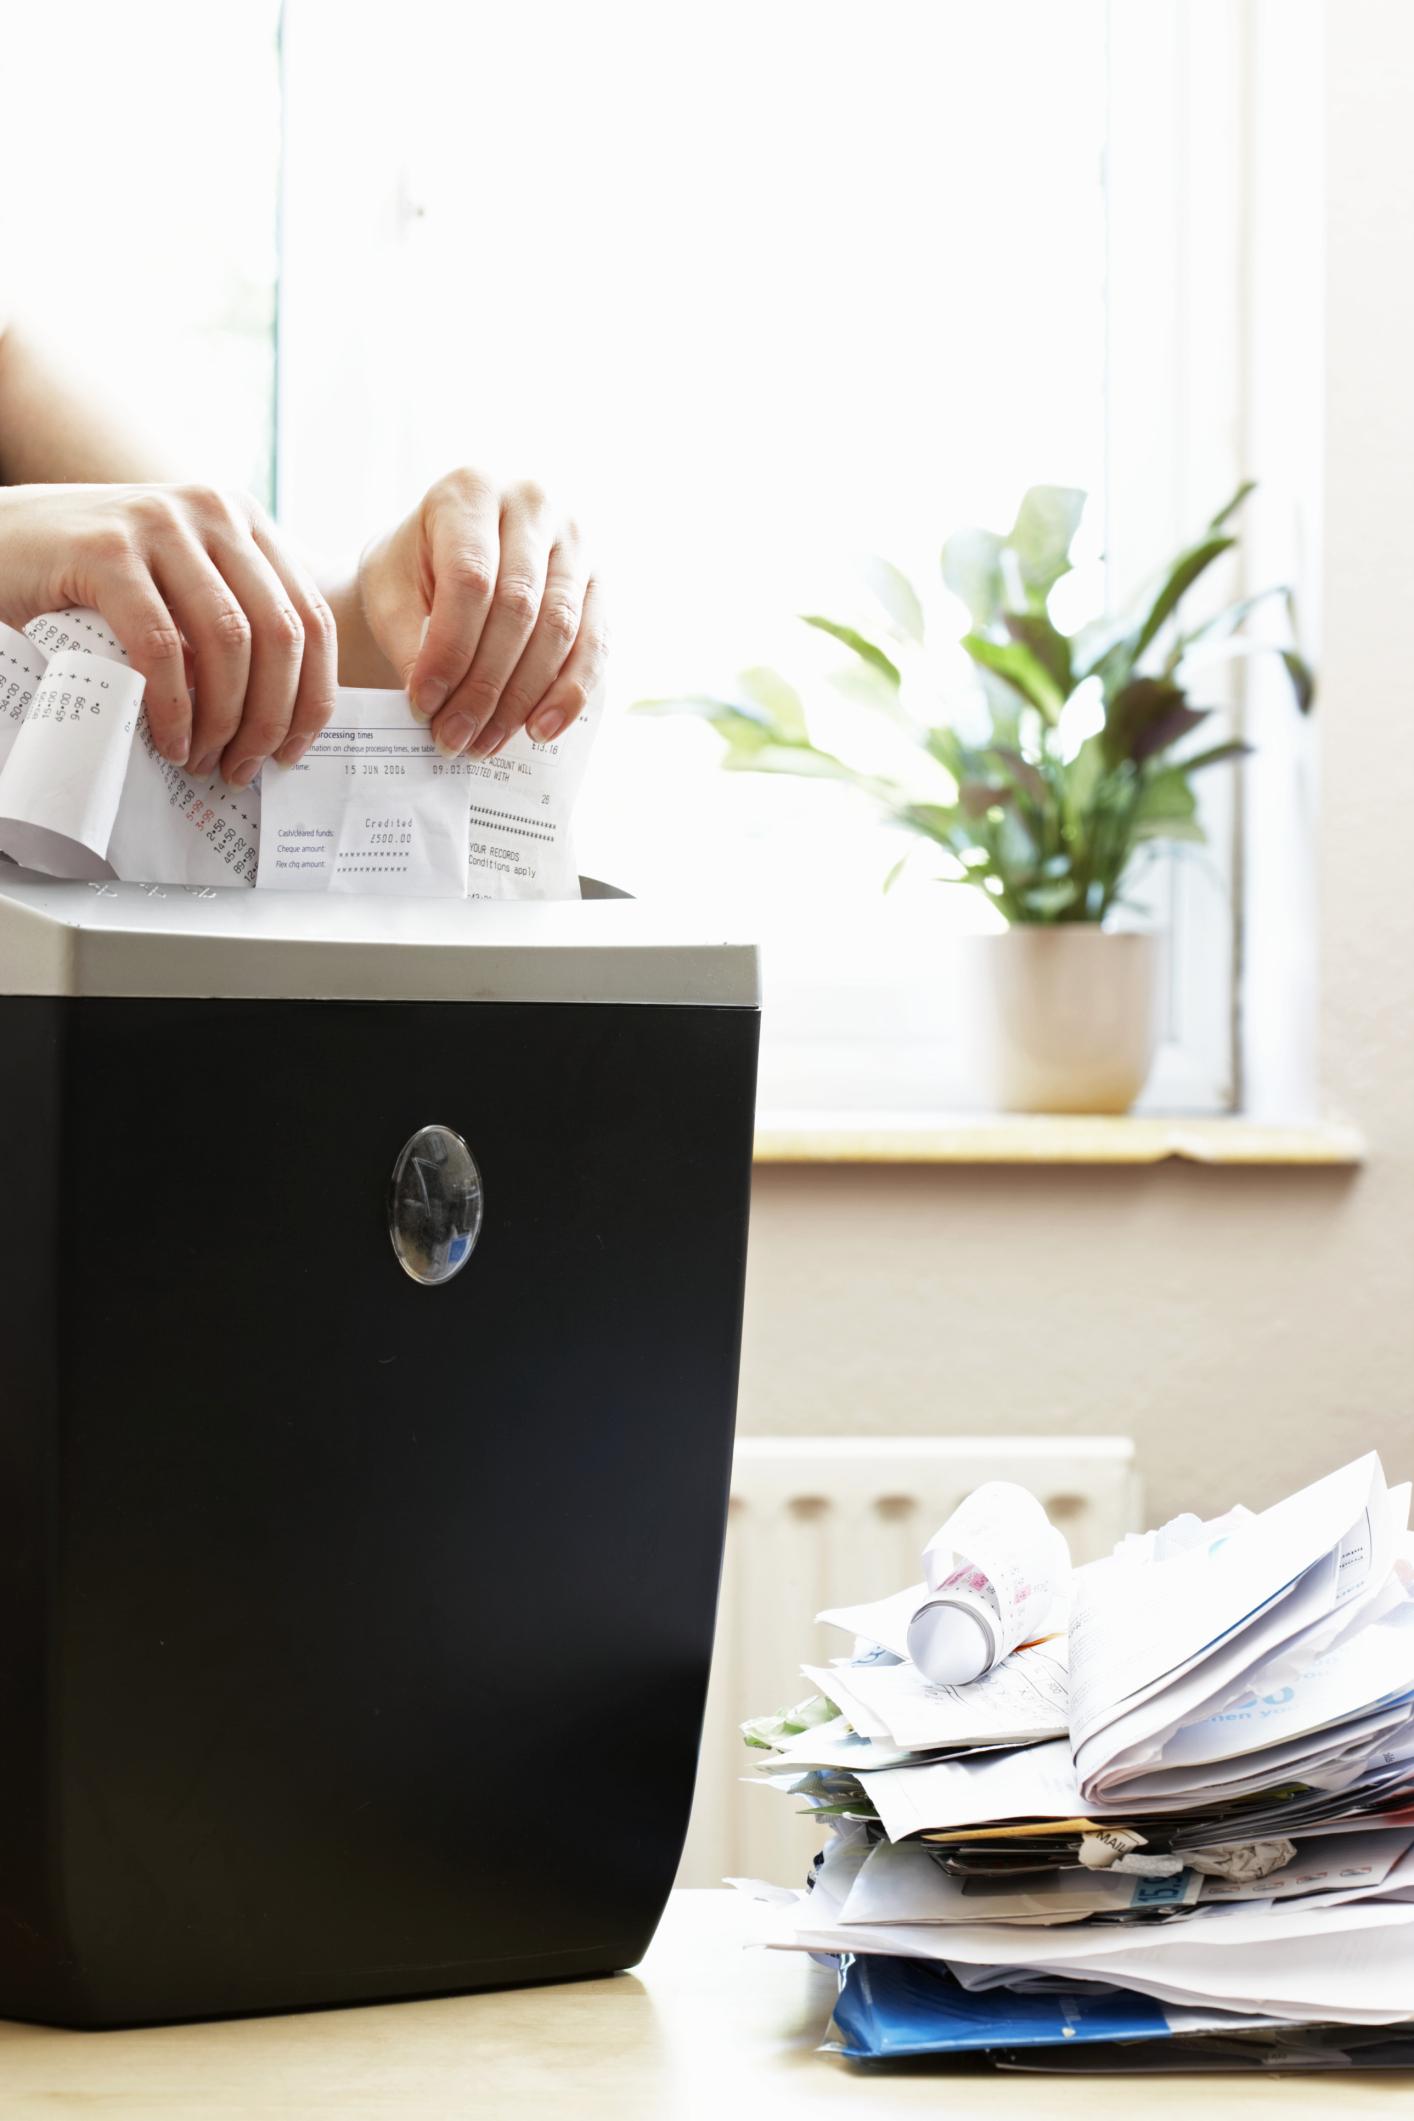 How to Troubleshoot an HP DeskJet 5650 | It Still Works